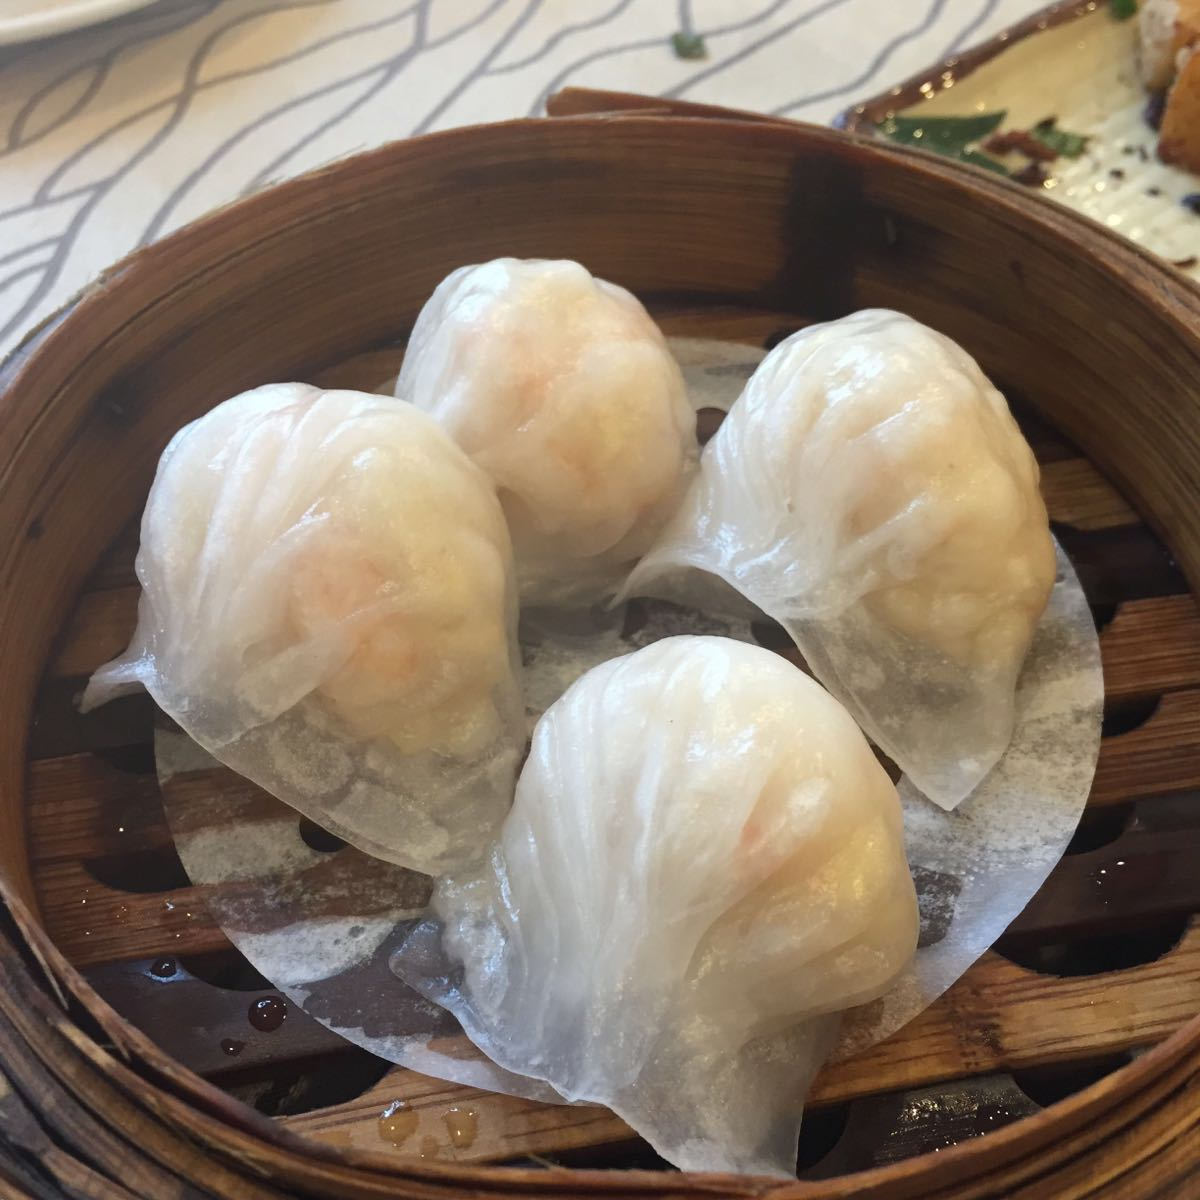 【携程攻略】广州水蛇村好吃吗,水蛇村味道怎么样,/好